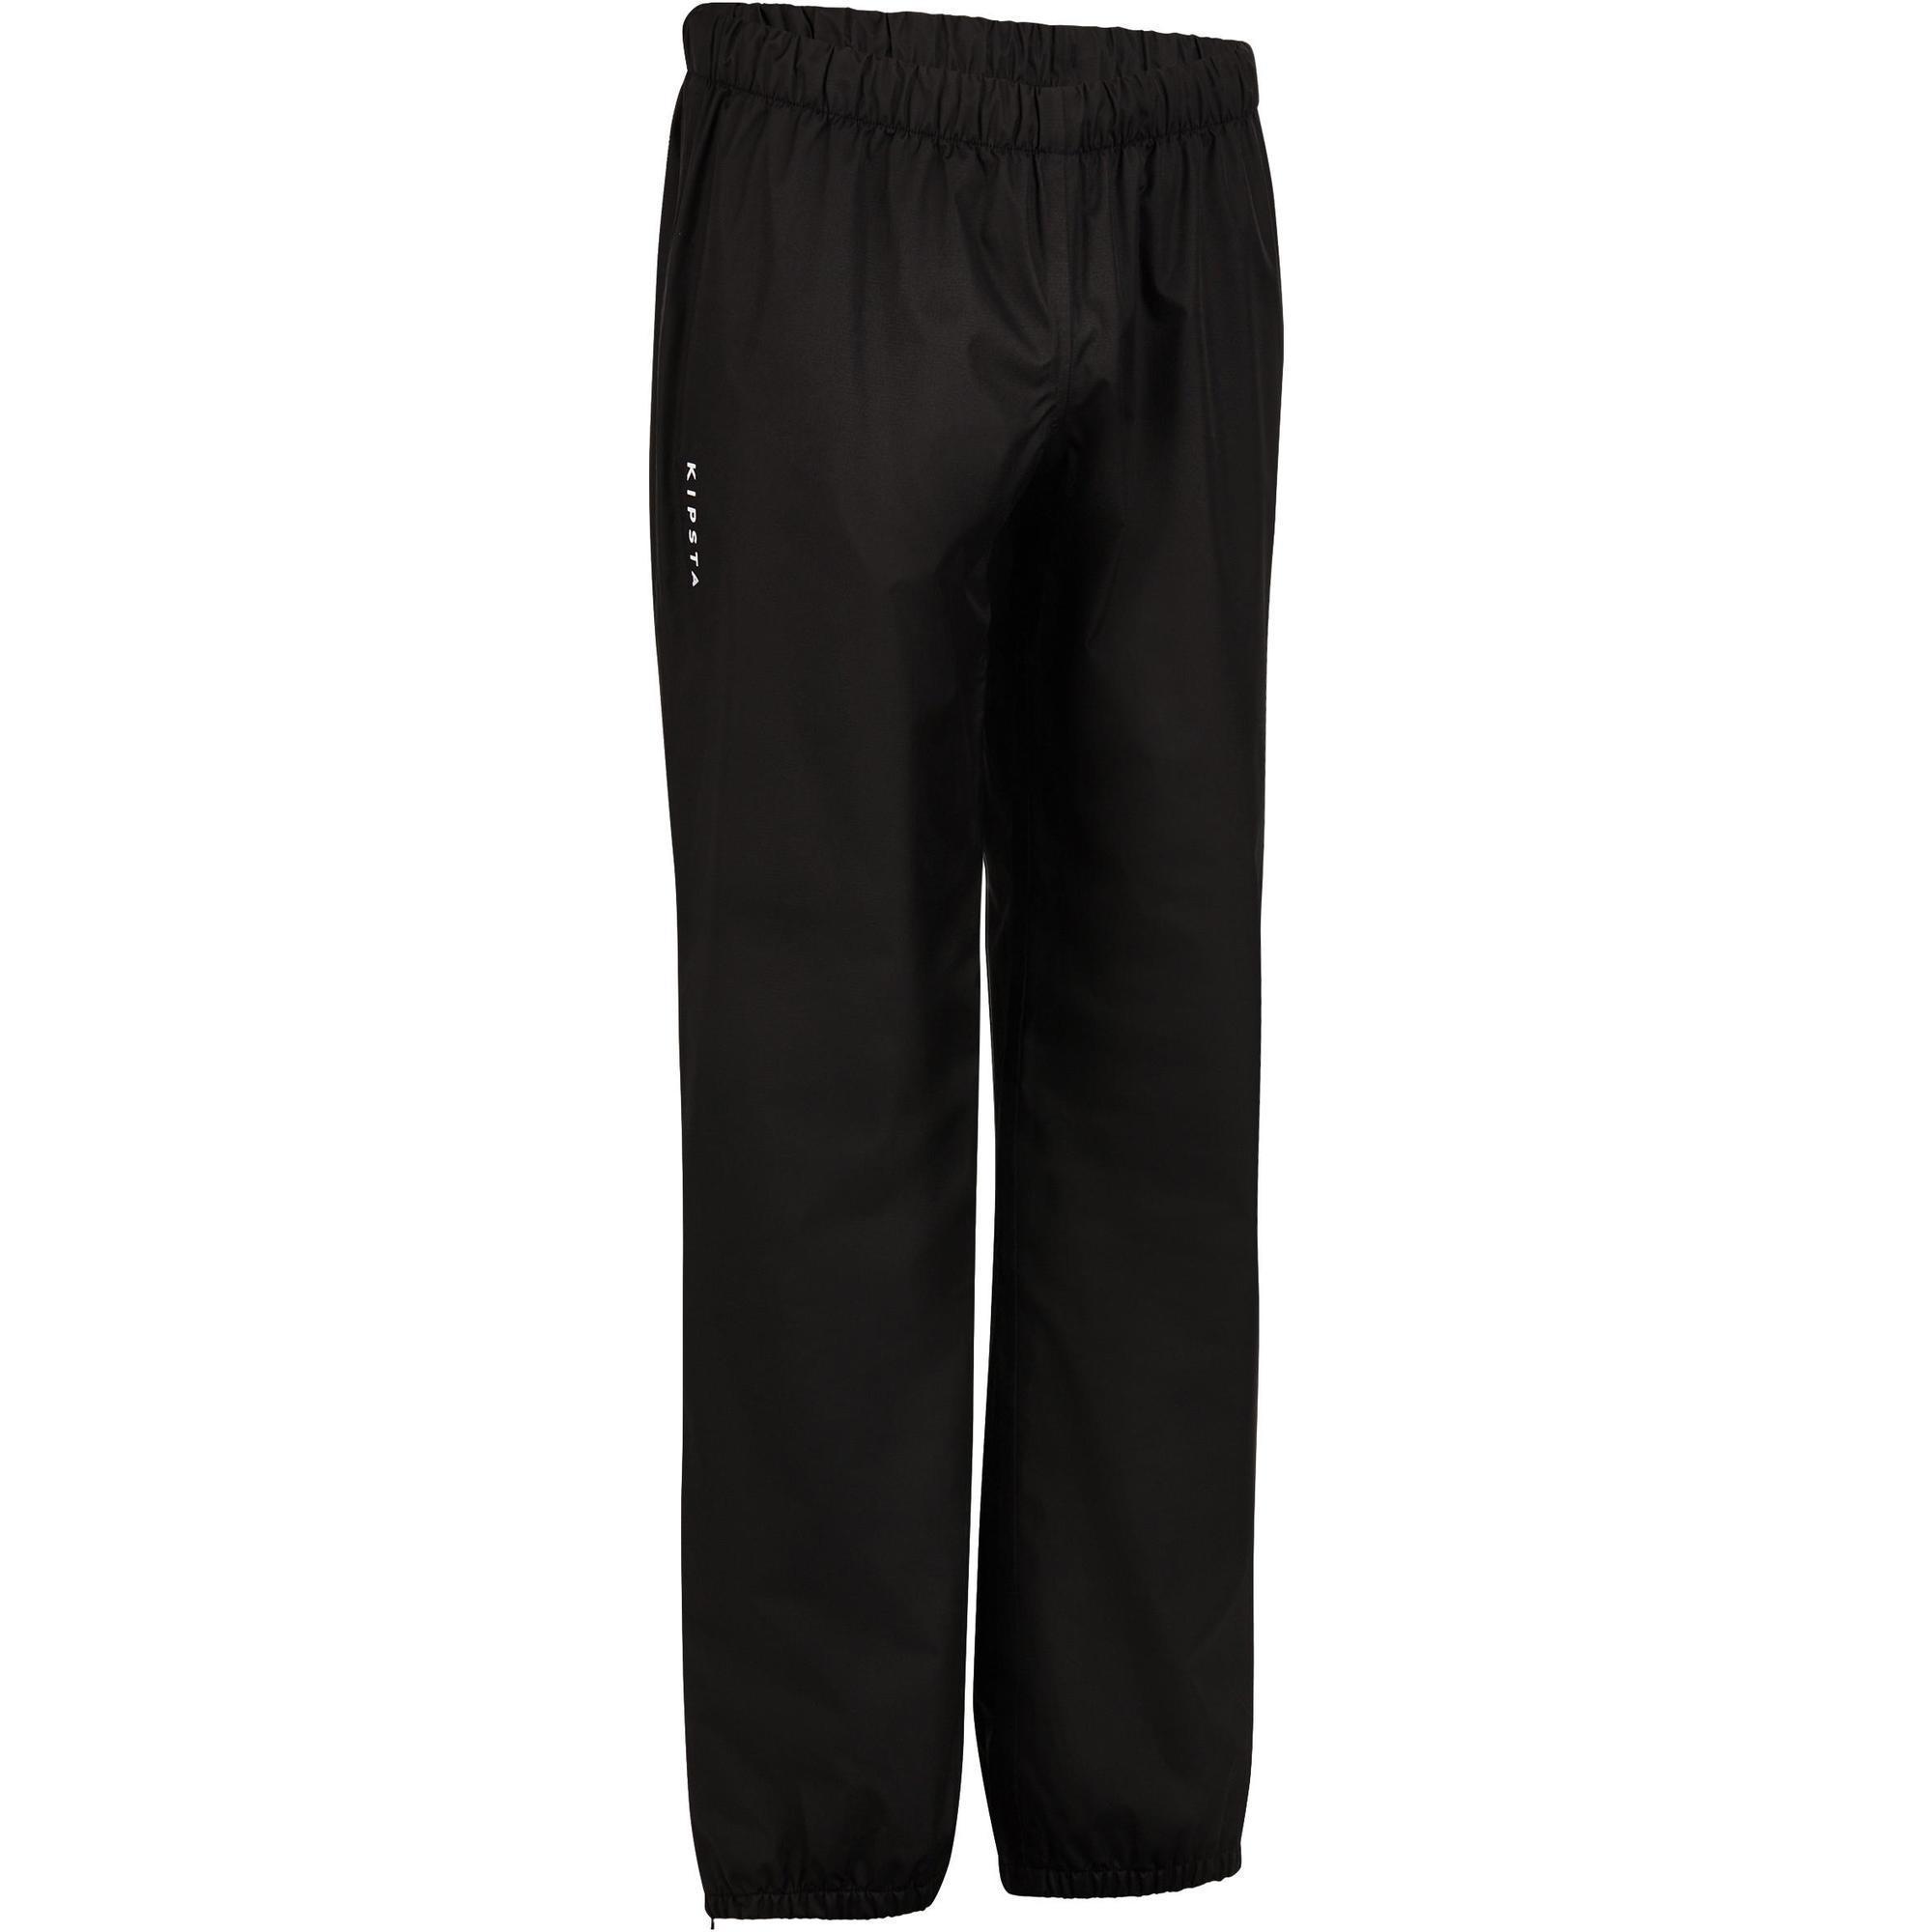 Offload Wind- en waterdichte rugbybroek voor volwassenen smock pants zwart